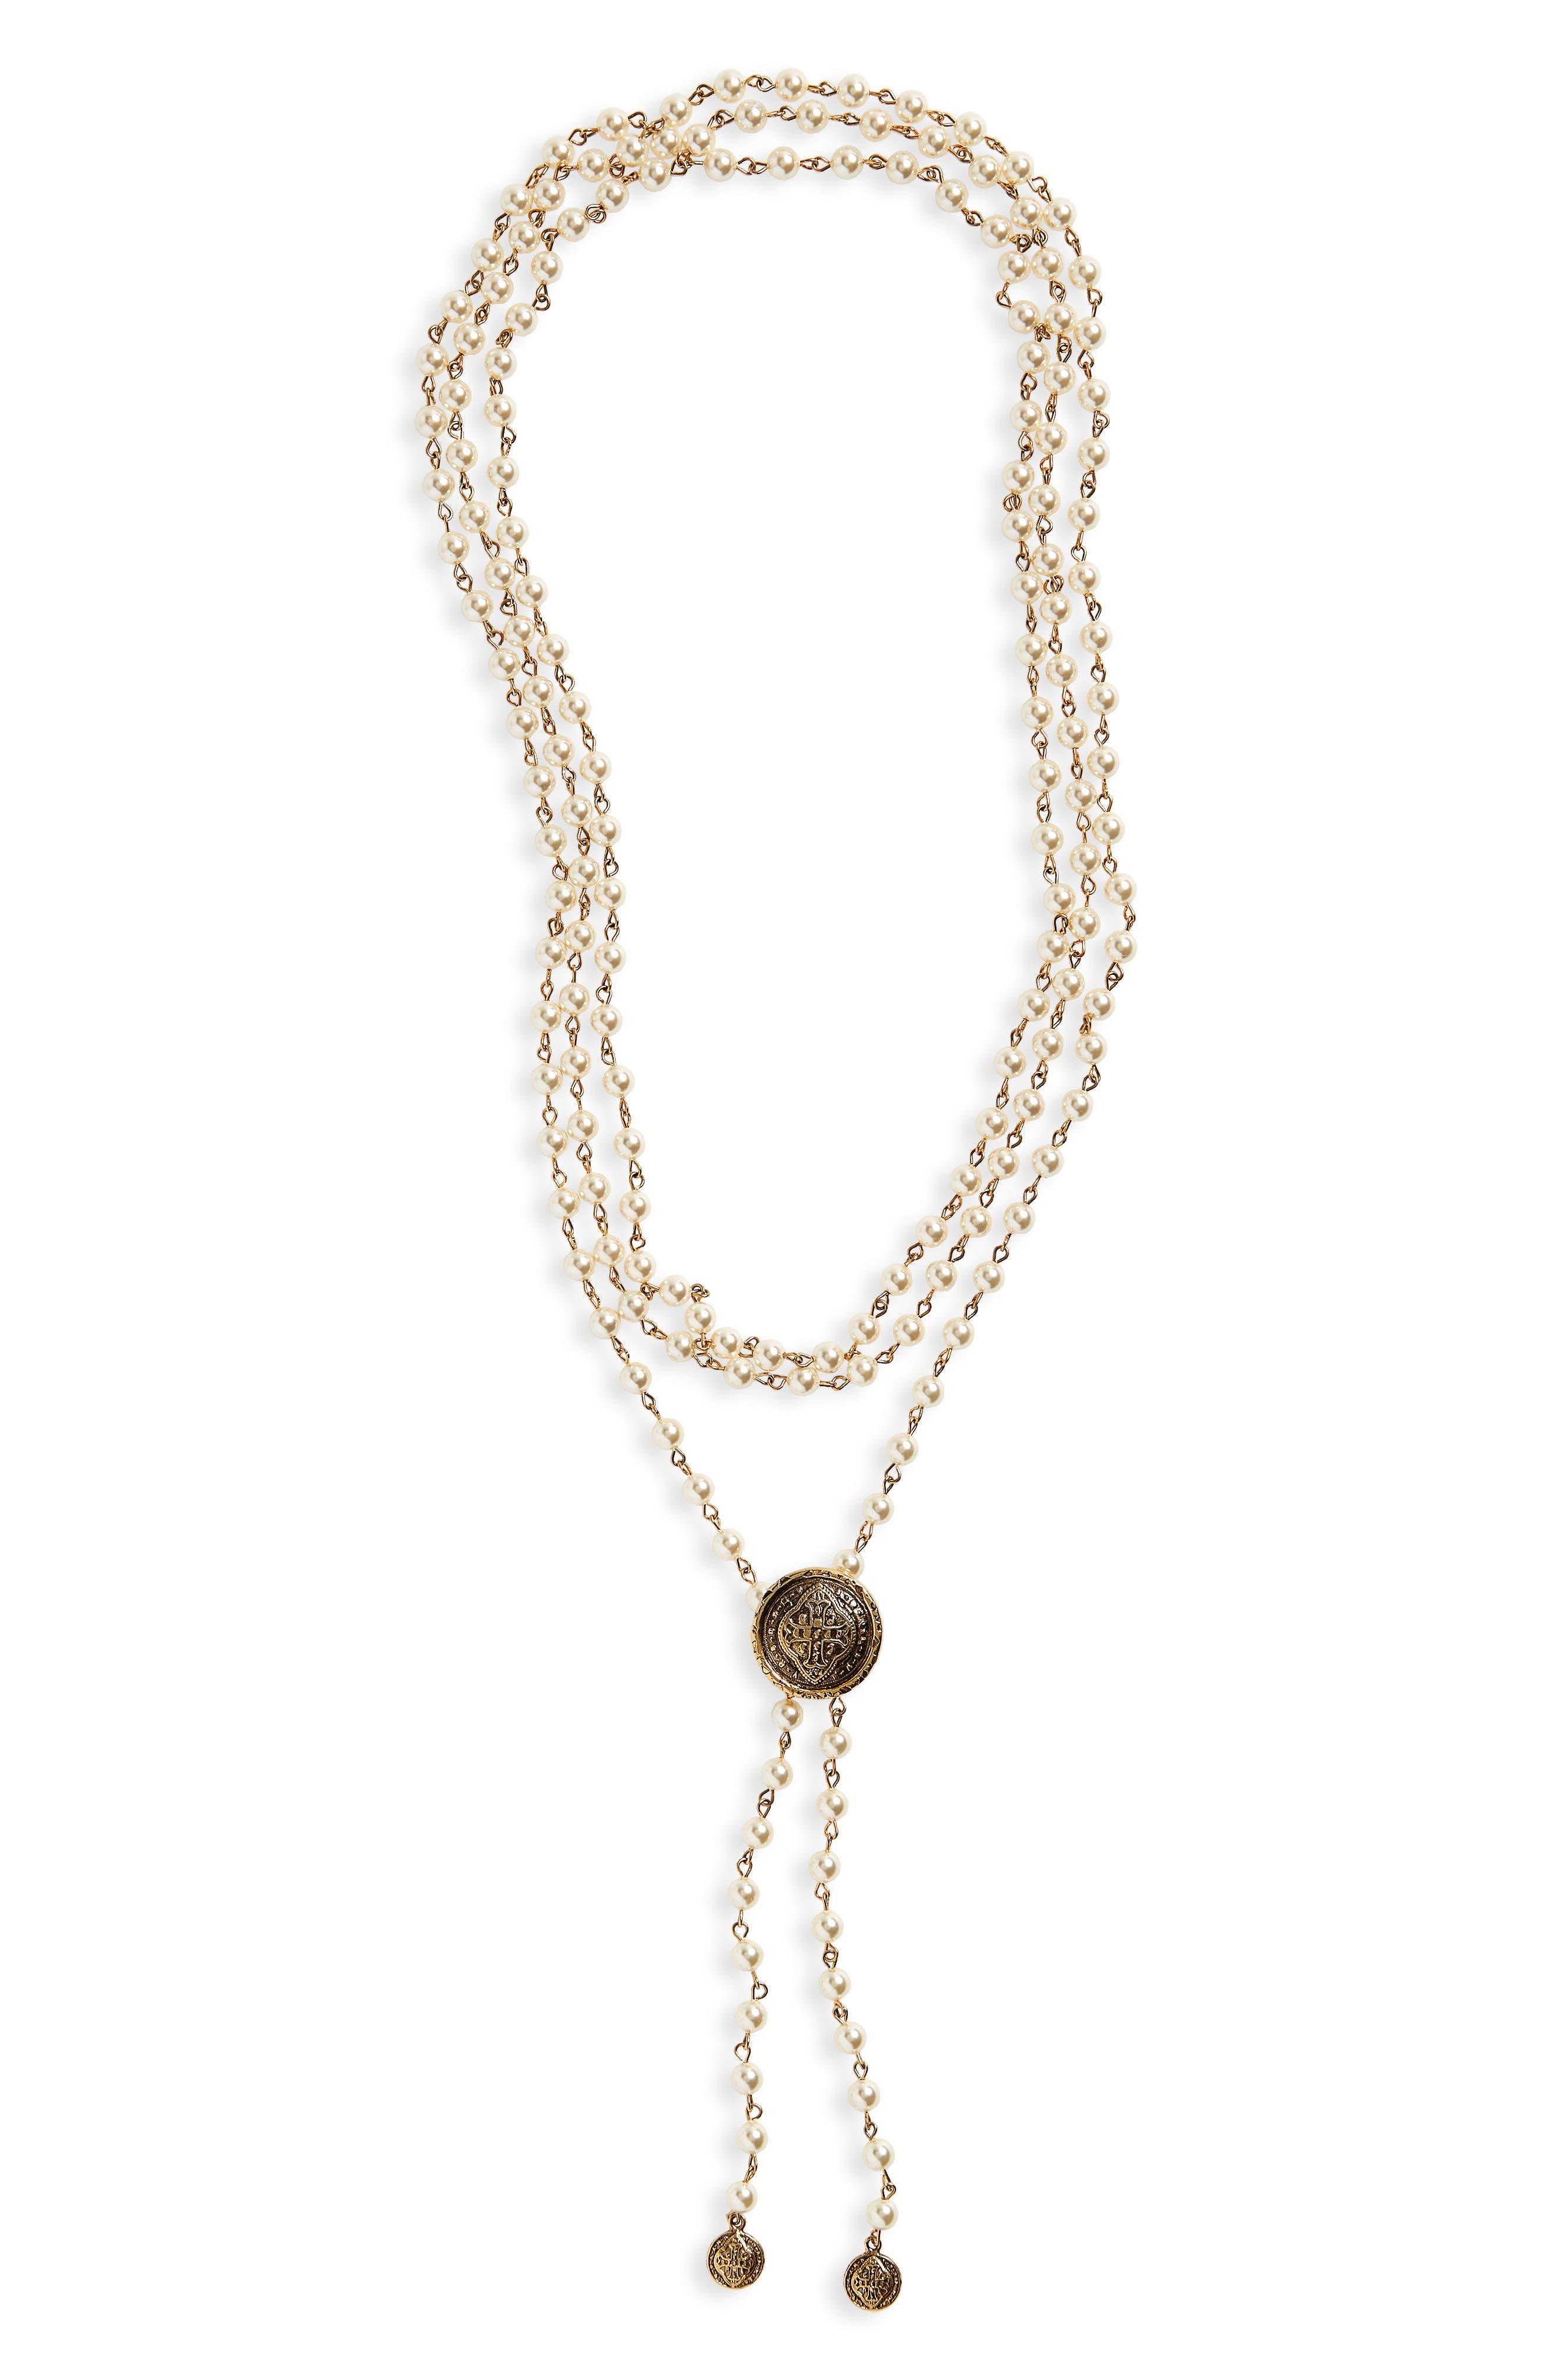 Flamenco Lariat Wrap Necklace,                             Main thumbnail 1, color,                             710